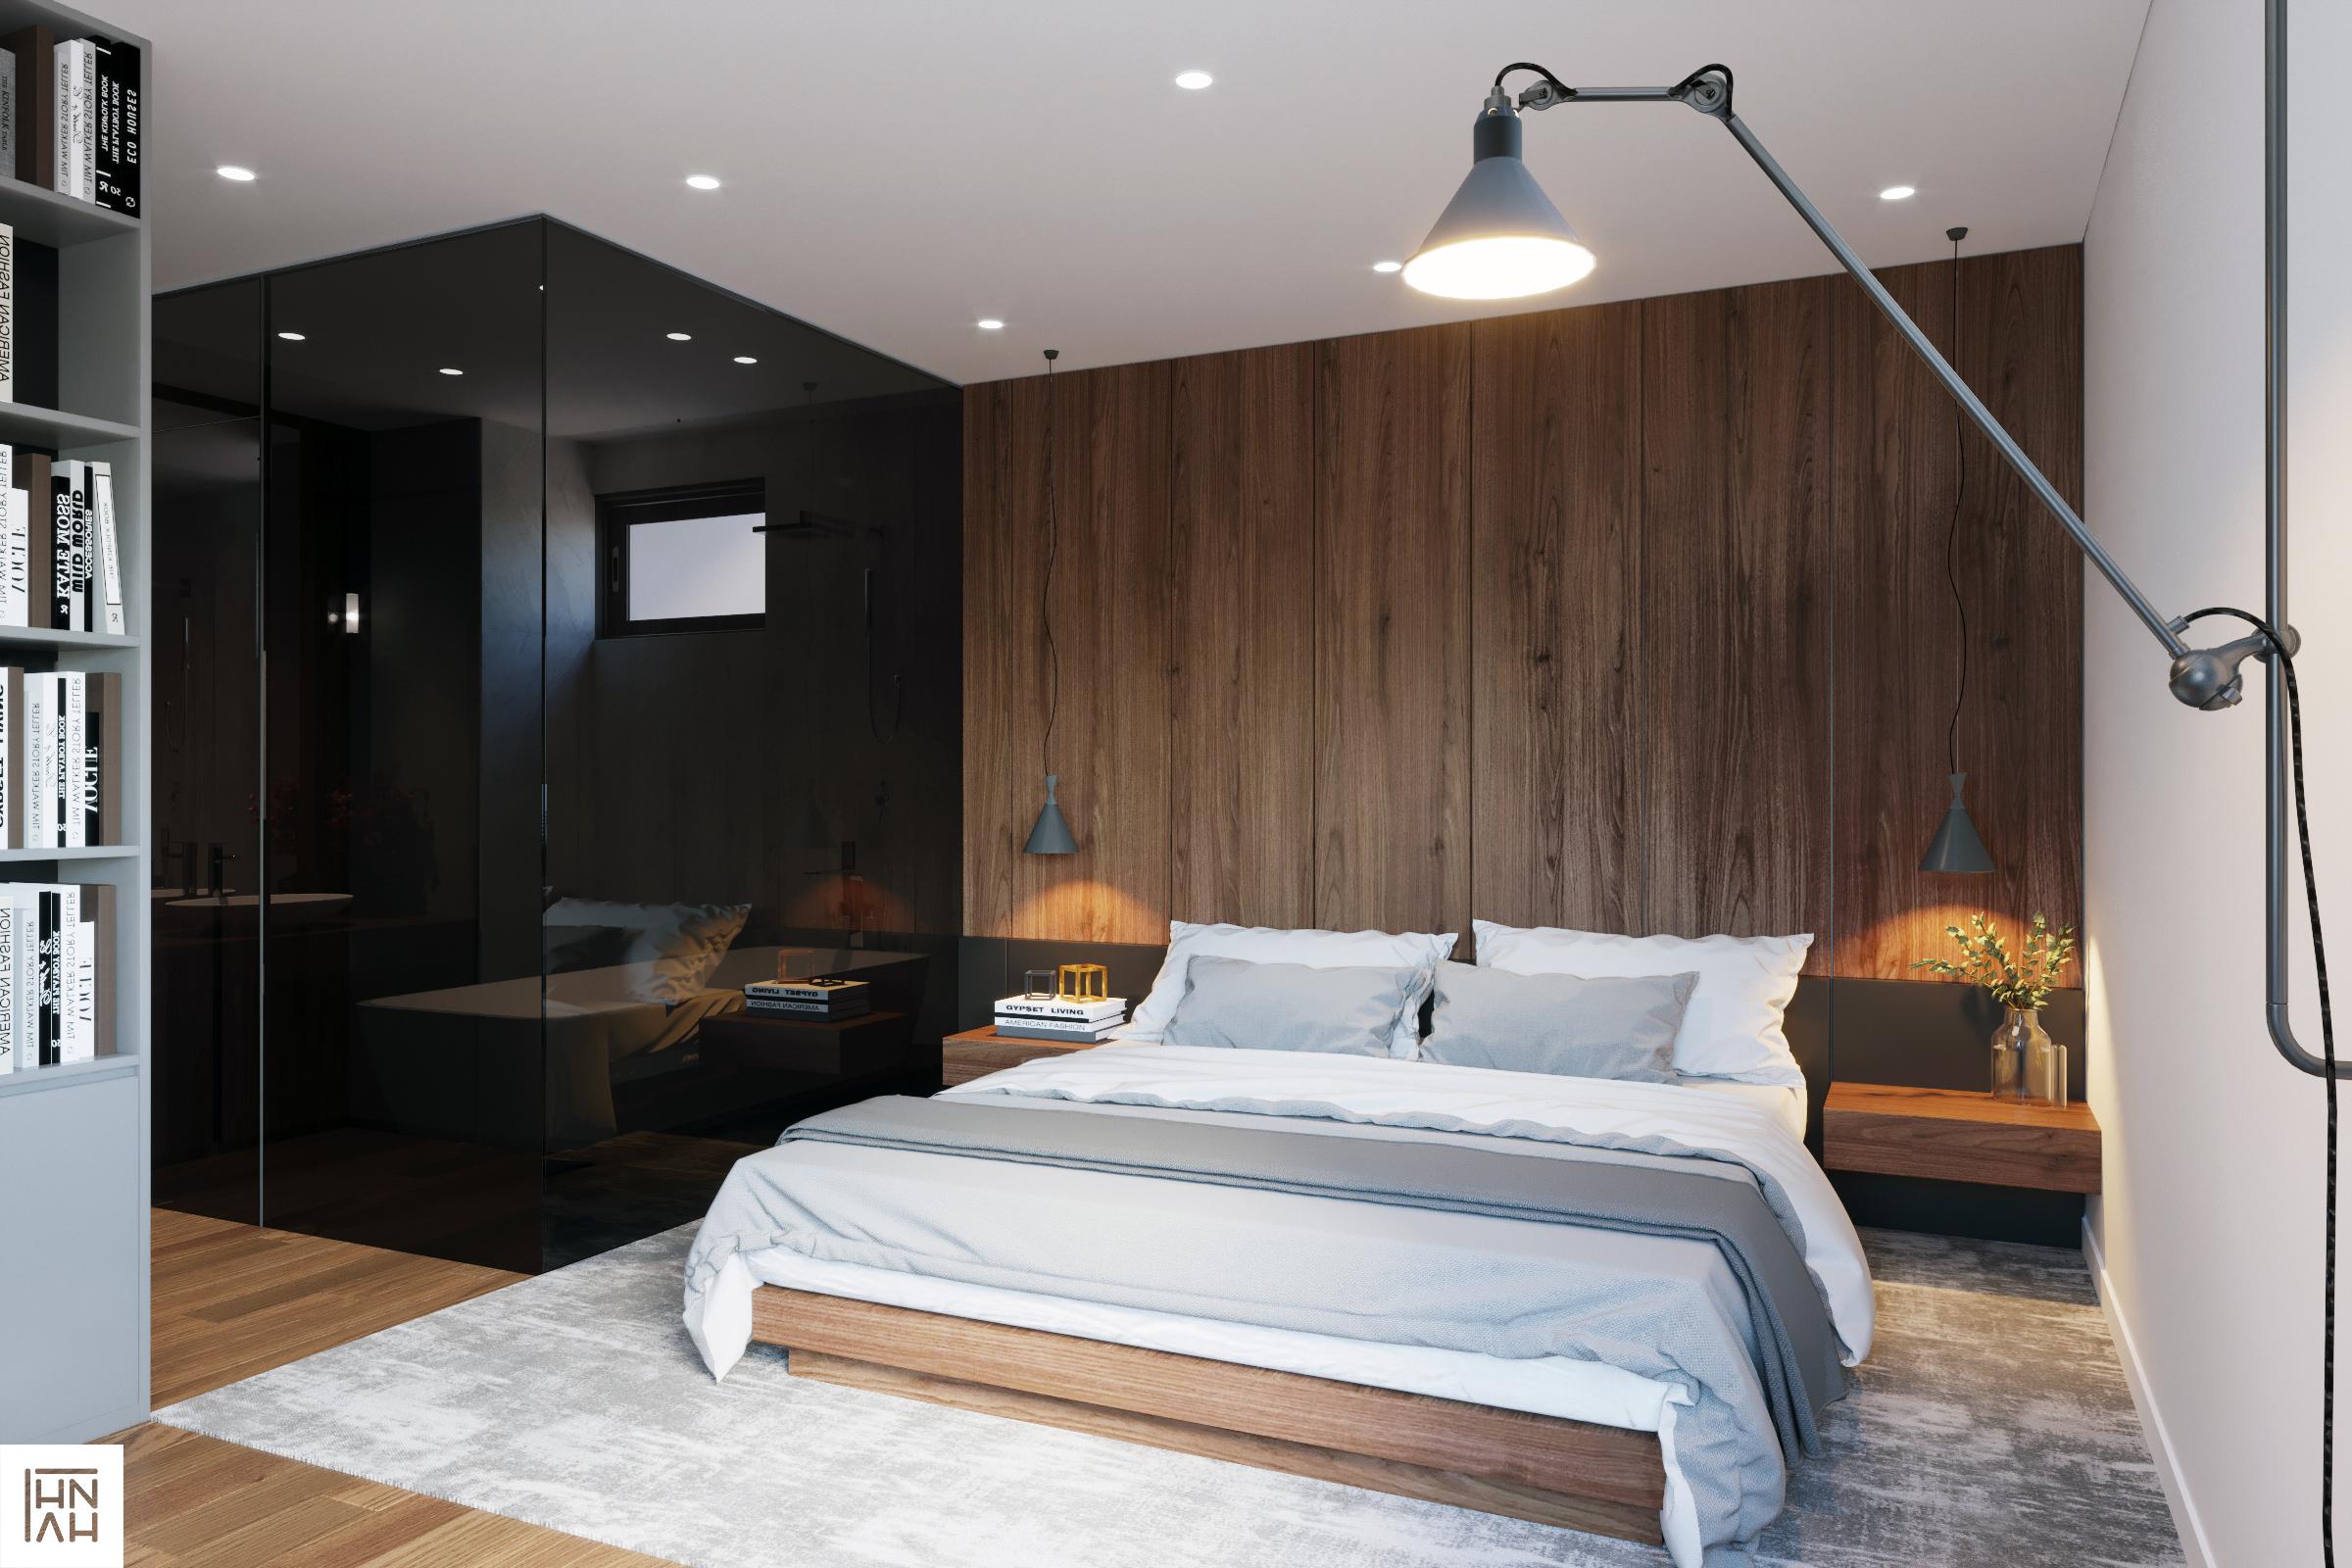 thiết kế nội thất chung cư tại Hà Nội Cuc. Apartment 9 1566896401